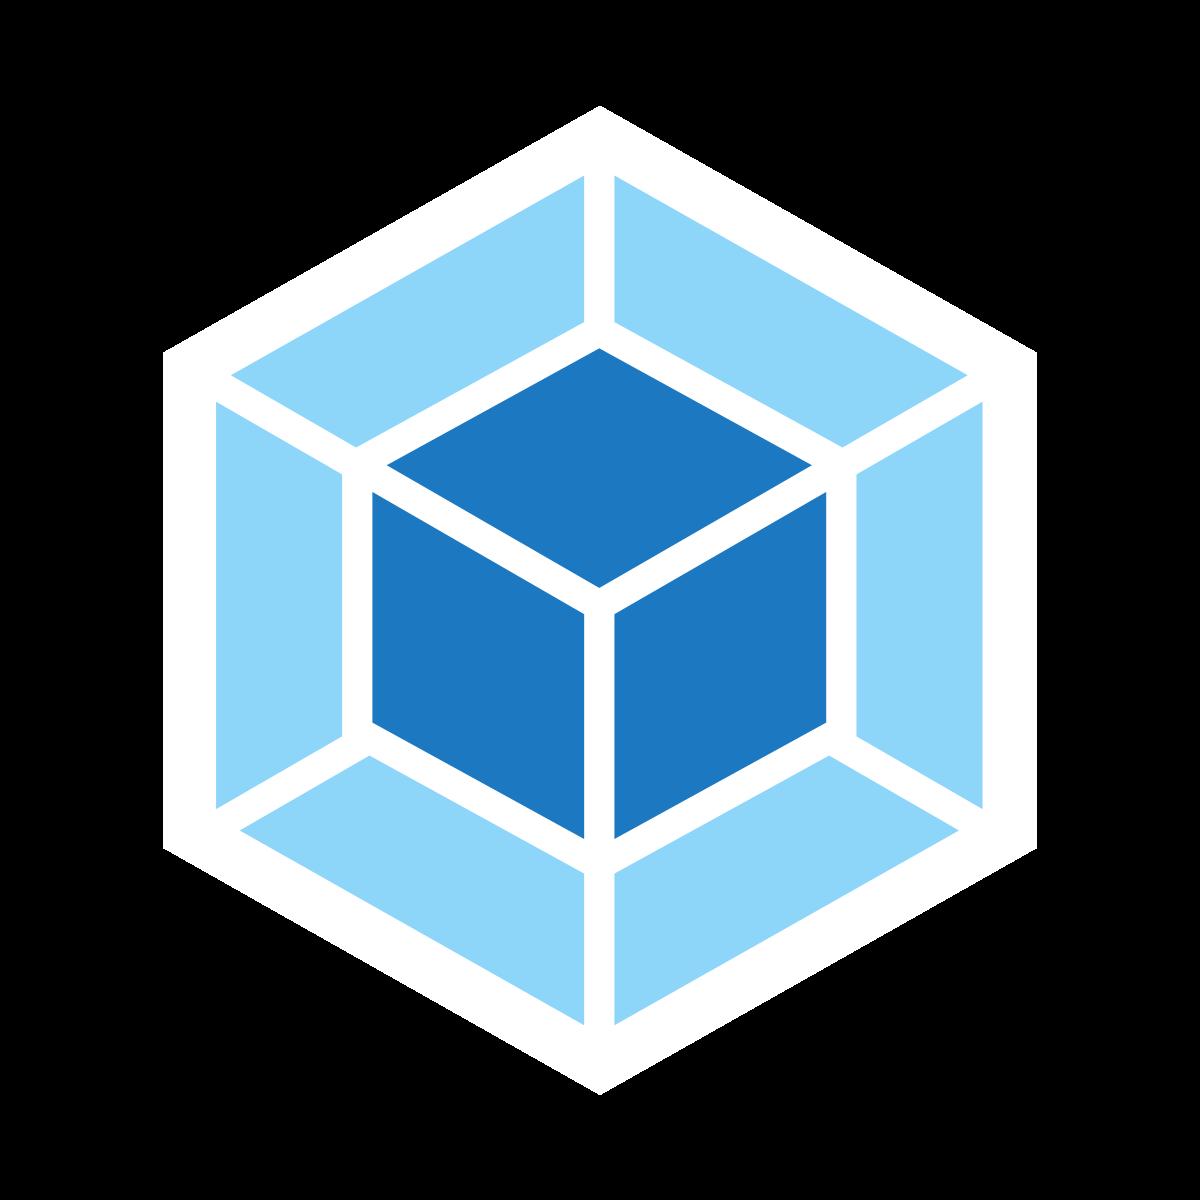 CubeMC